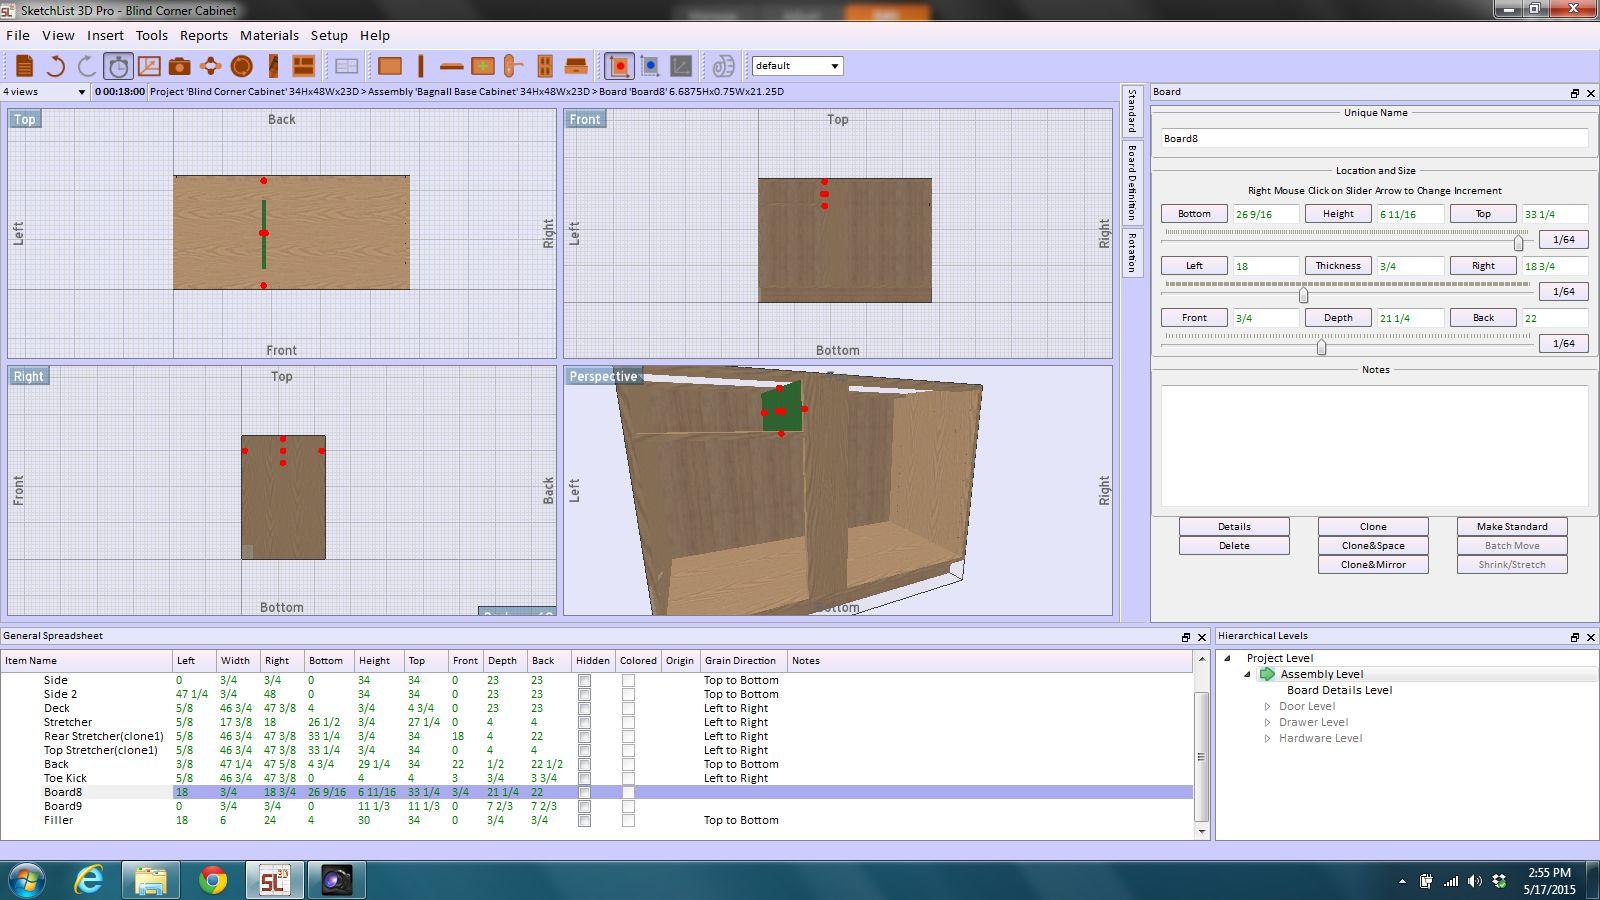 Best Kitchen Gallery: Fresh Kitchen Cabi Software Taste of Kitchen Cabinet Software on cal-ite.com